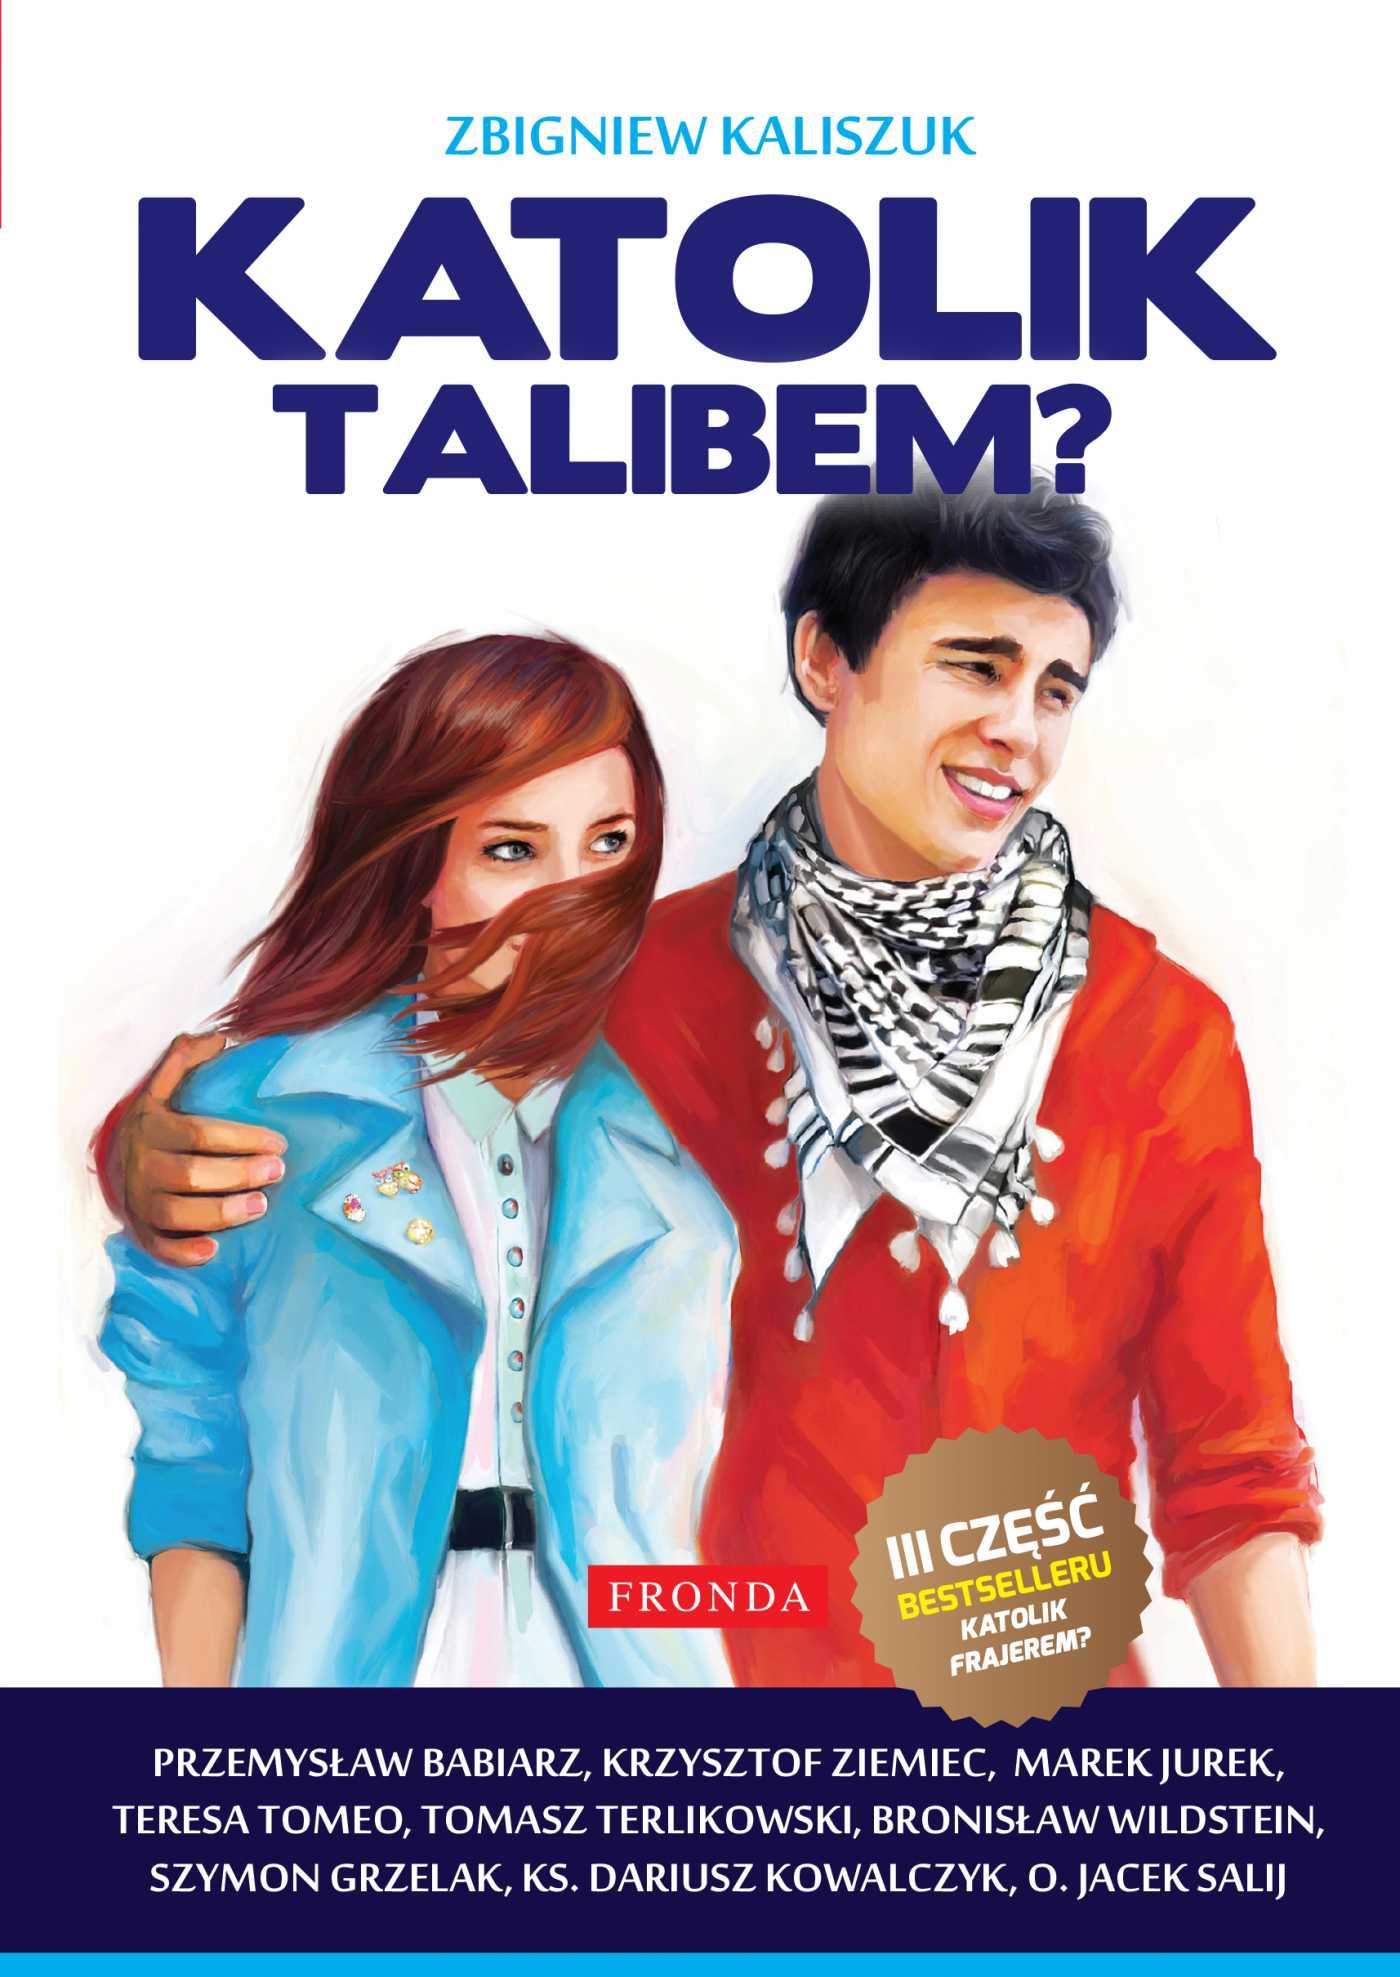 Katolik talibem? - Ebook (Książka PDF) do pobrania w formacie PDF